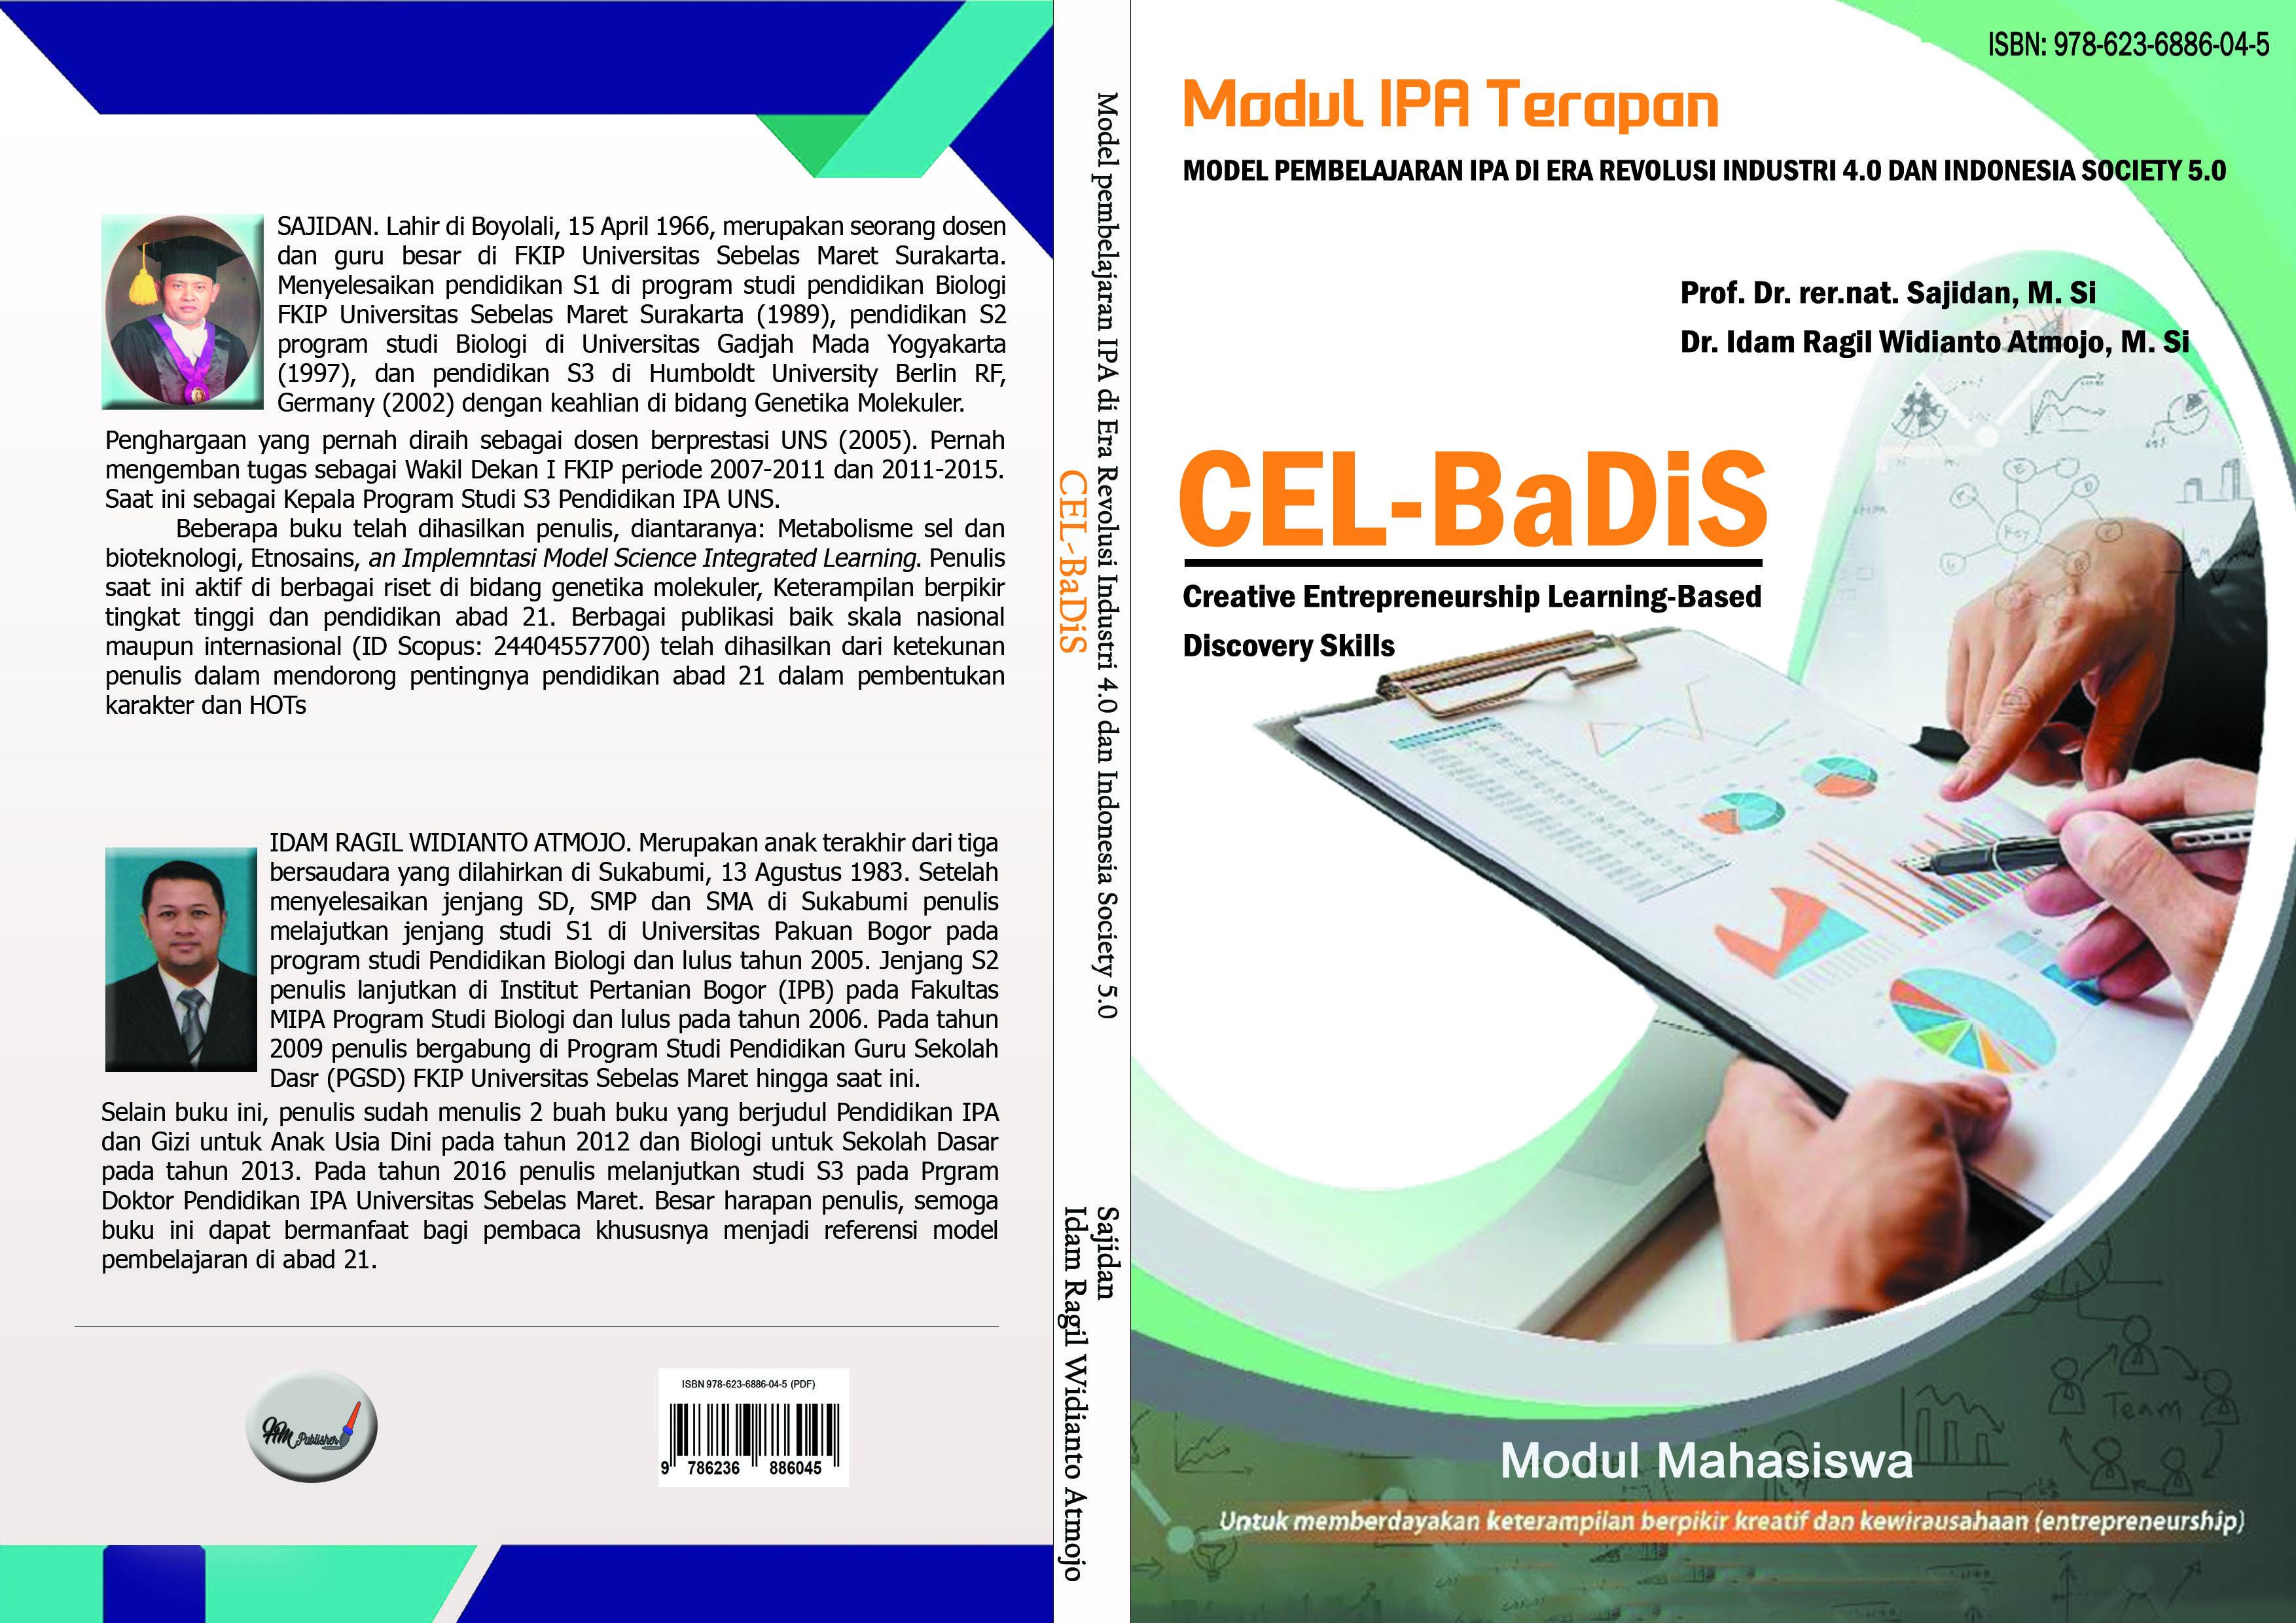 """IPA terapan creative entreprenuership learning-based discovery skills (CEL-BADIS) : """"model pembelajaran IPA di era revolusi industri 4.0 dan Indonesia society 5.0"""" [sumber elektronis]"""